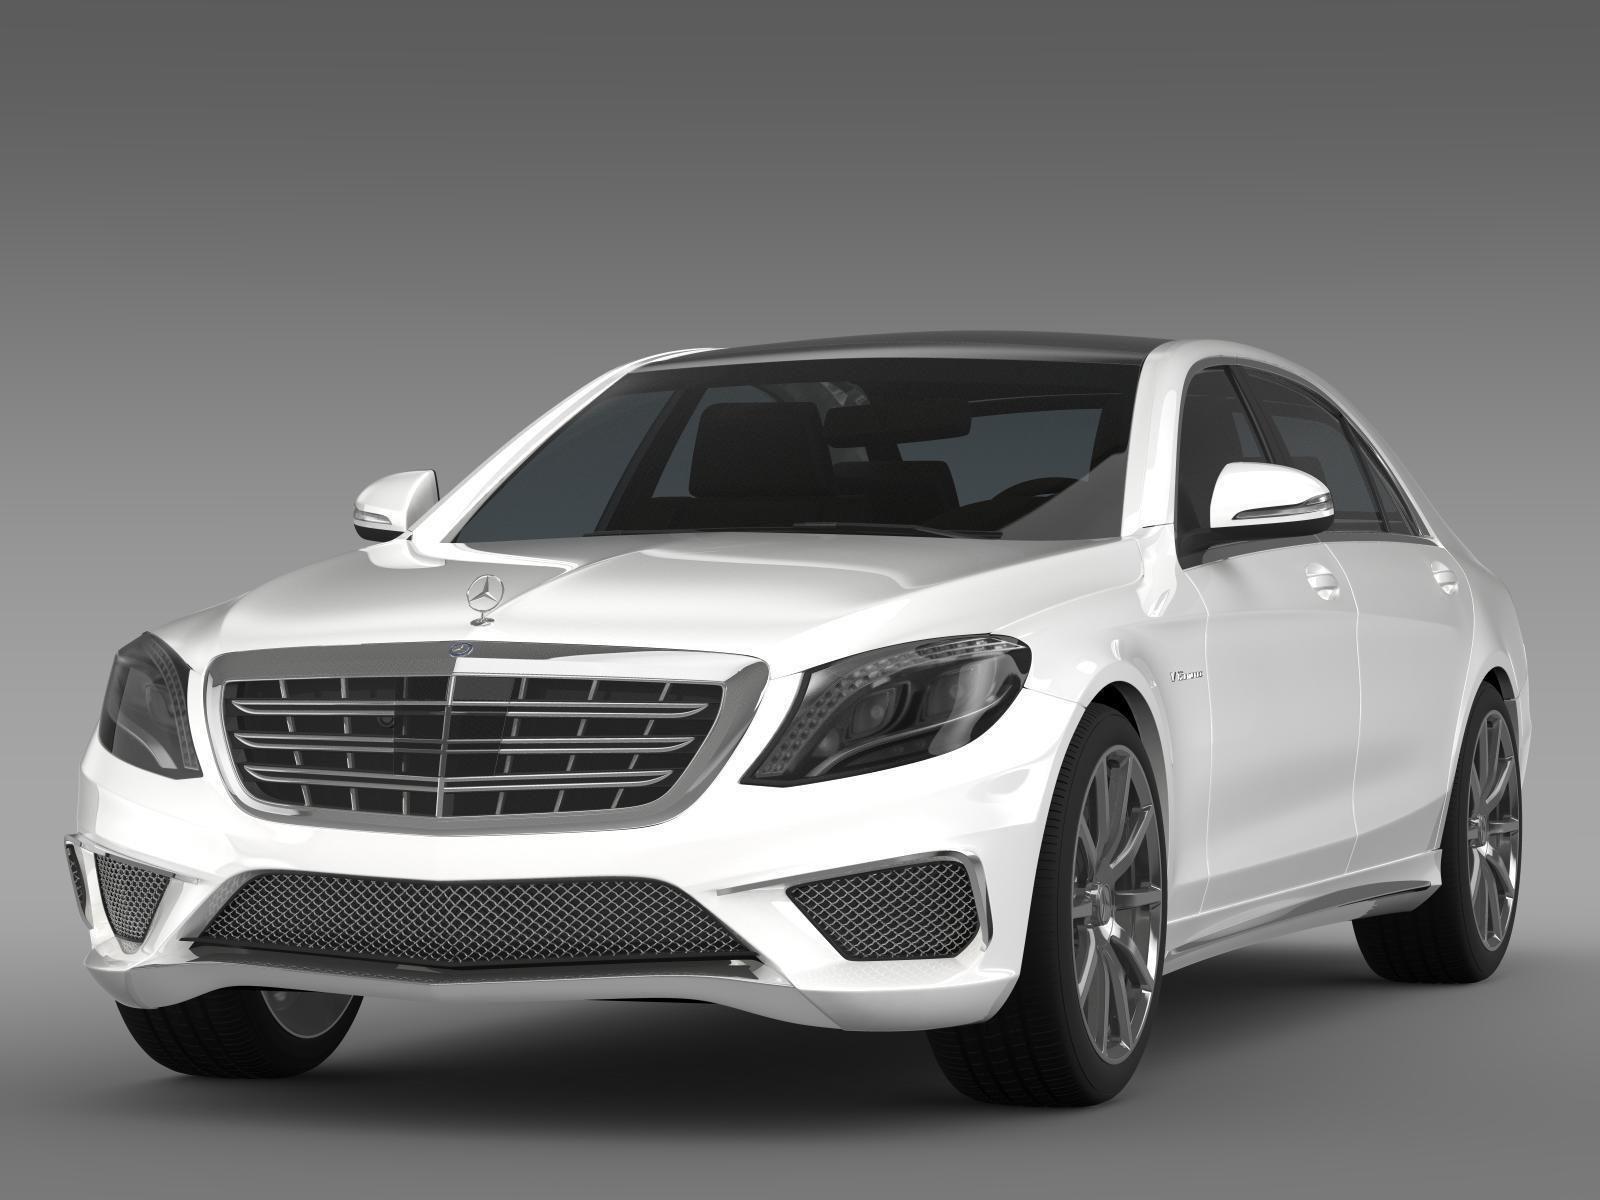 Mercedes benz s 65 amg w222 2014 3d model max obj 3ds fbx for 2014 mercedes benz models